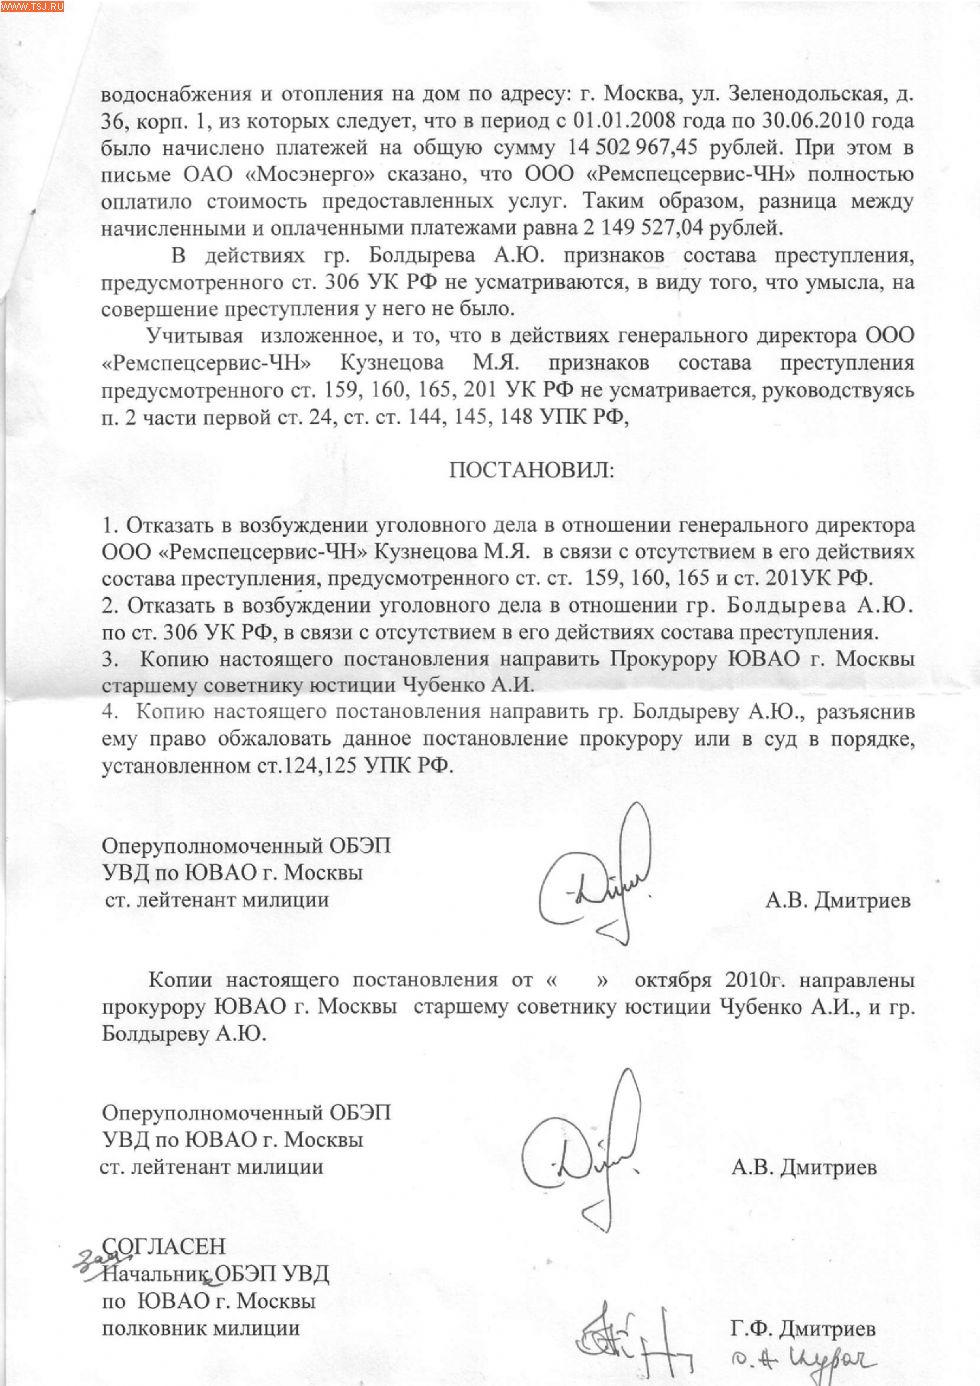 Написать письмо в обэп г москва знакомой